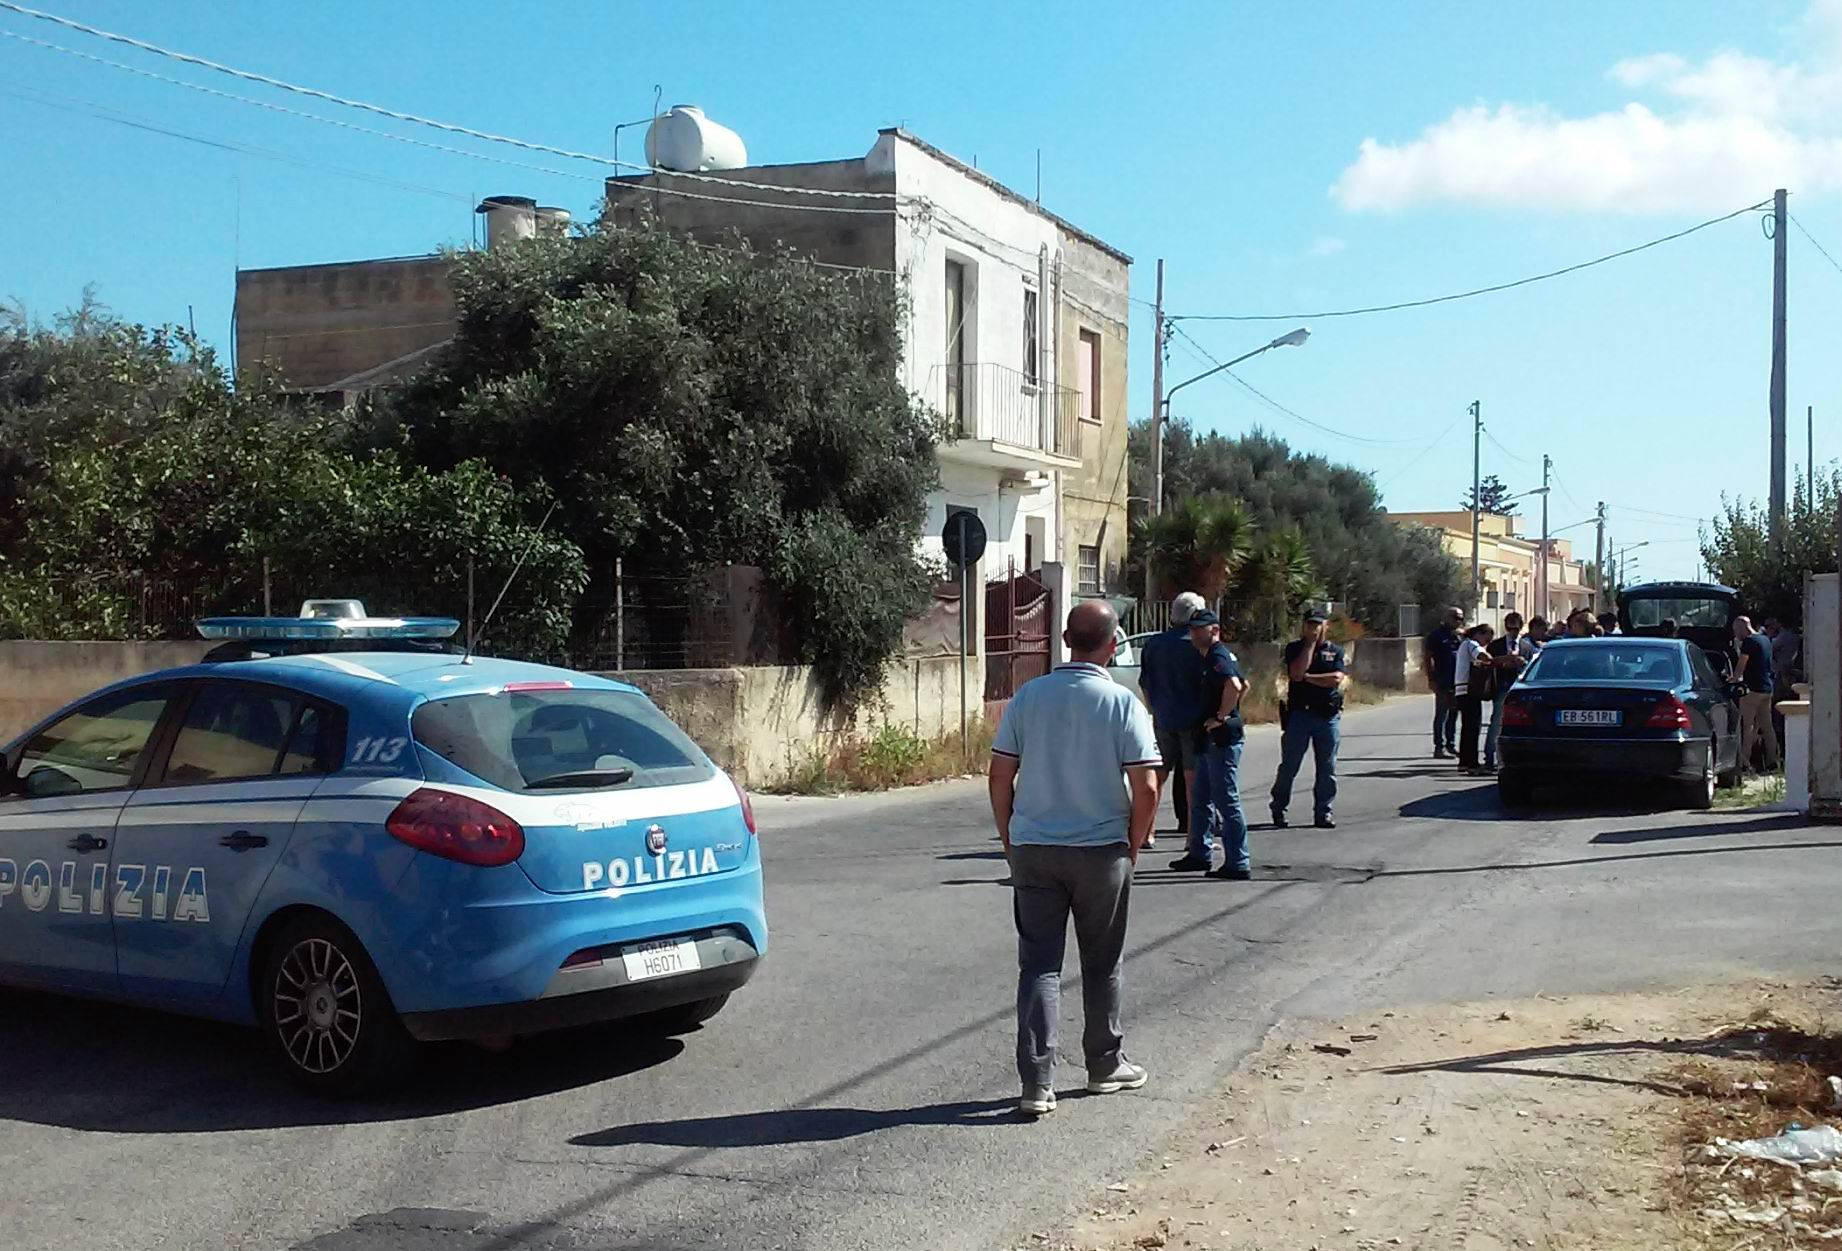 Si chiamava ben saada l 39 assassino della coppia di mazara - Replica porta a porta di ieri ...